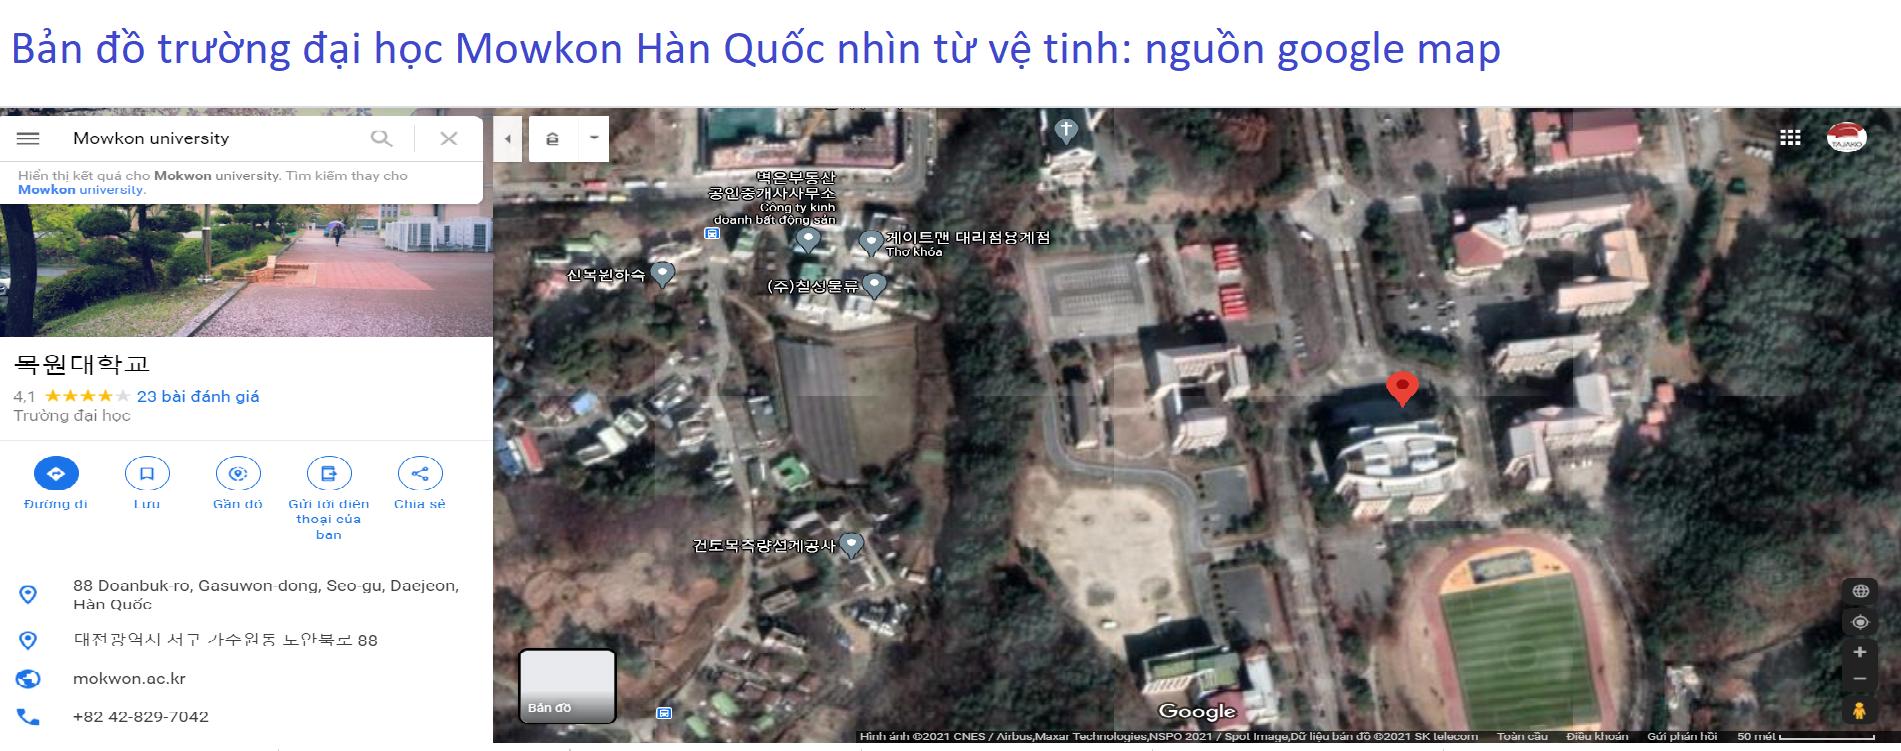 Bản đồ vệ tinh trường đại học Mowkon Hàn Quốc